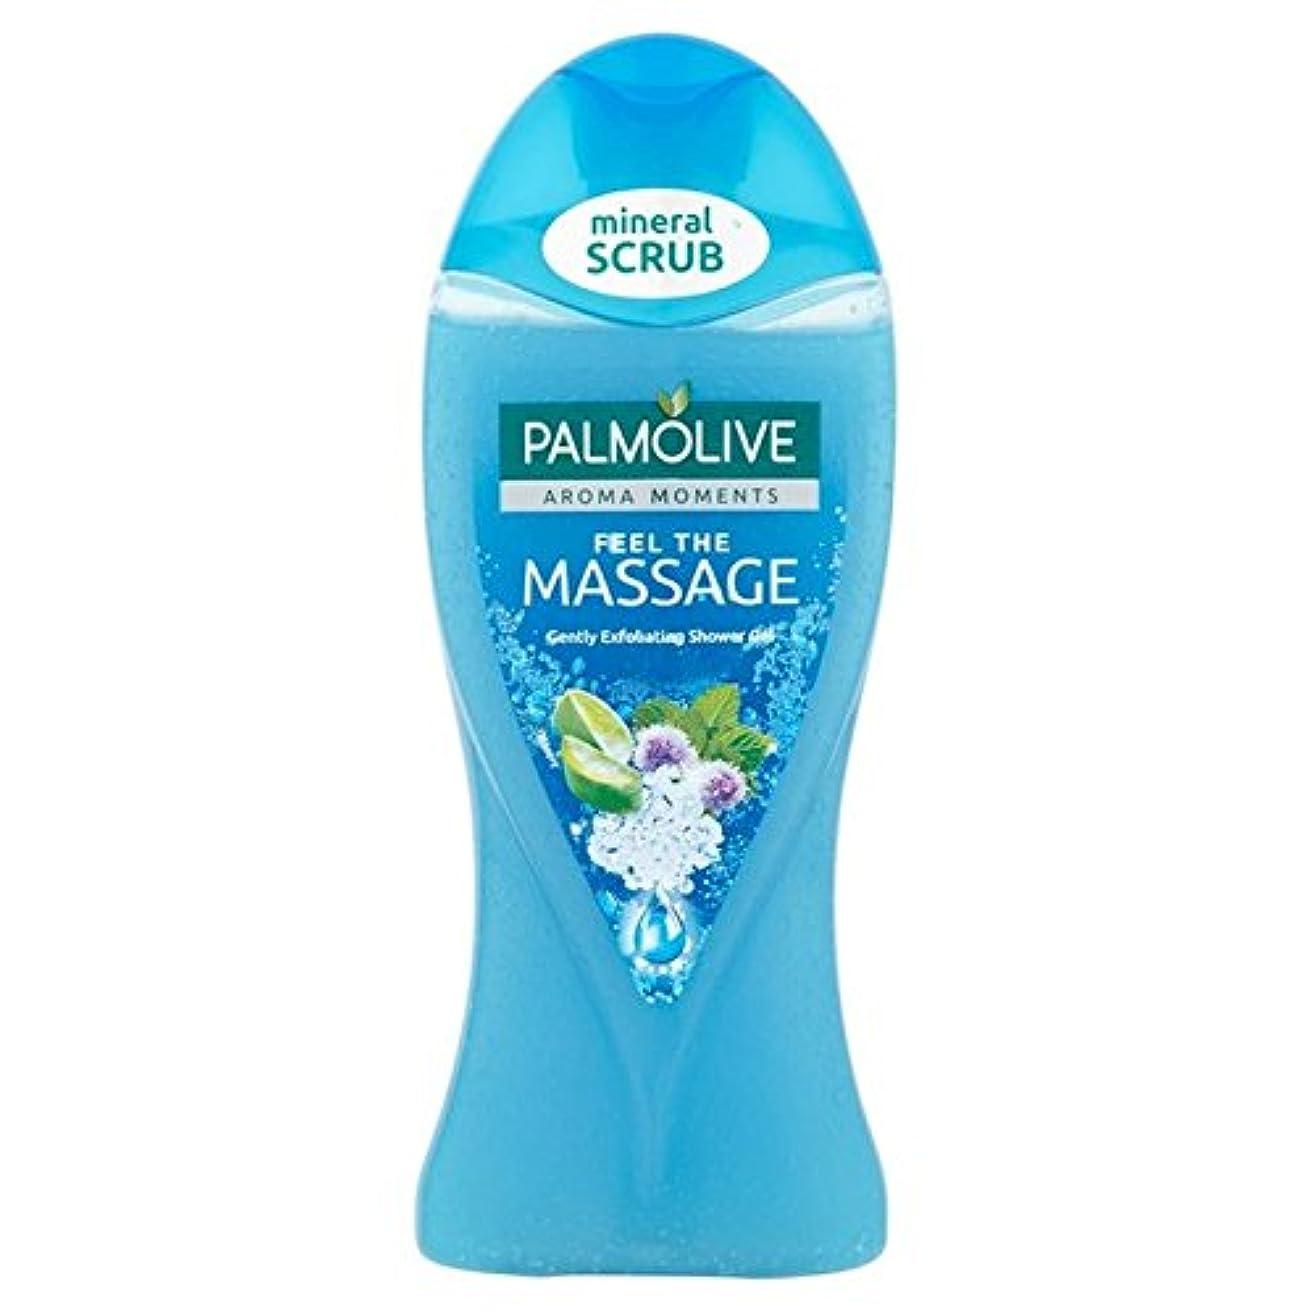 召集する忘れる深めるパルモシャワージェルマッサージ250ミリリットル x4 - Palmolive Shower Gel Massage 250ml (Pack of 4) [並行輸入品]